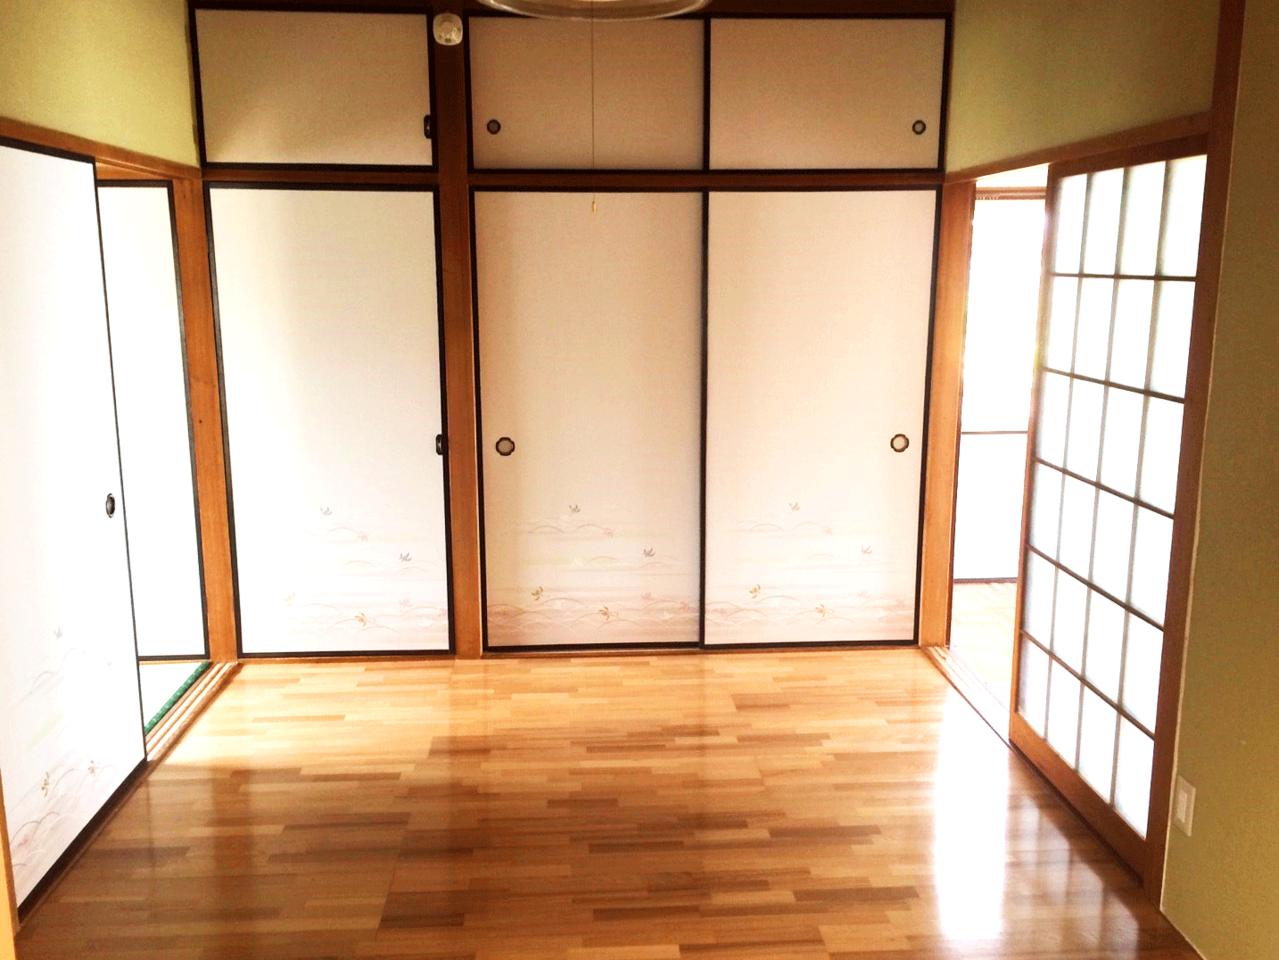 6帖洋室はリビングとしてお使い頂けます♪◆小倉南区北方駐車スペース4台分の戸建て住宅♪